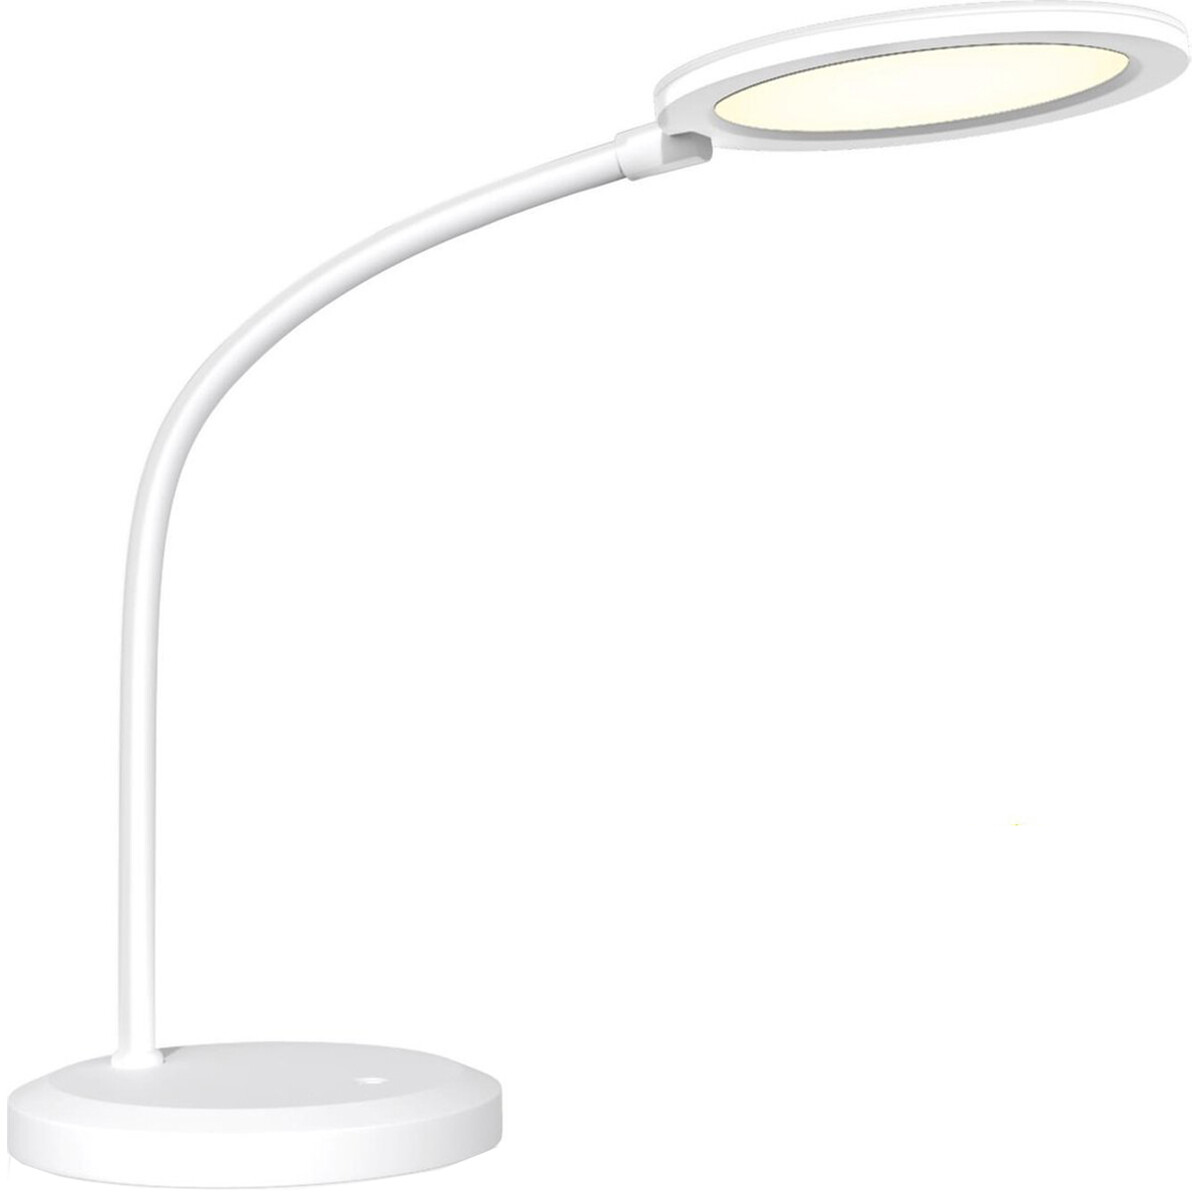 LED Tafellamp - Tafelverlichting - Aigi Priton - 7W - Natuurlijk Wit 4000K - Dimbaar - Rond - Mat Wit - Kunststof